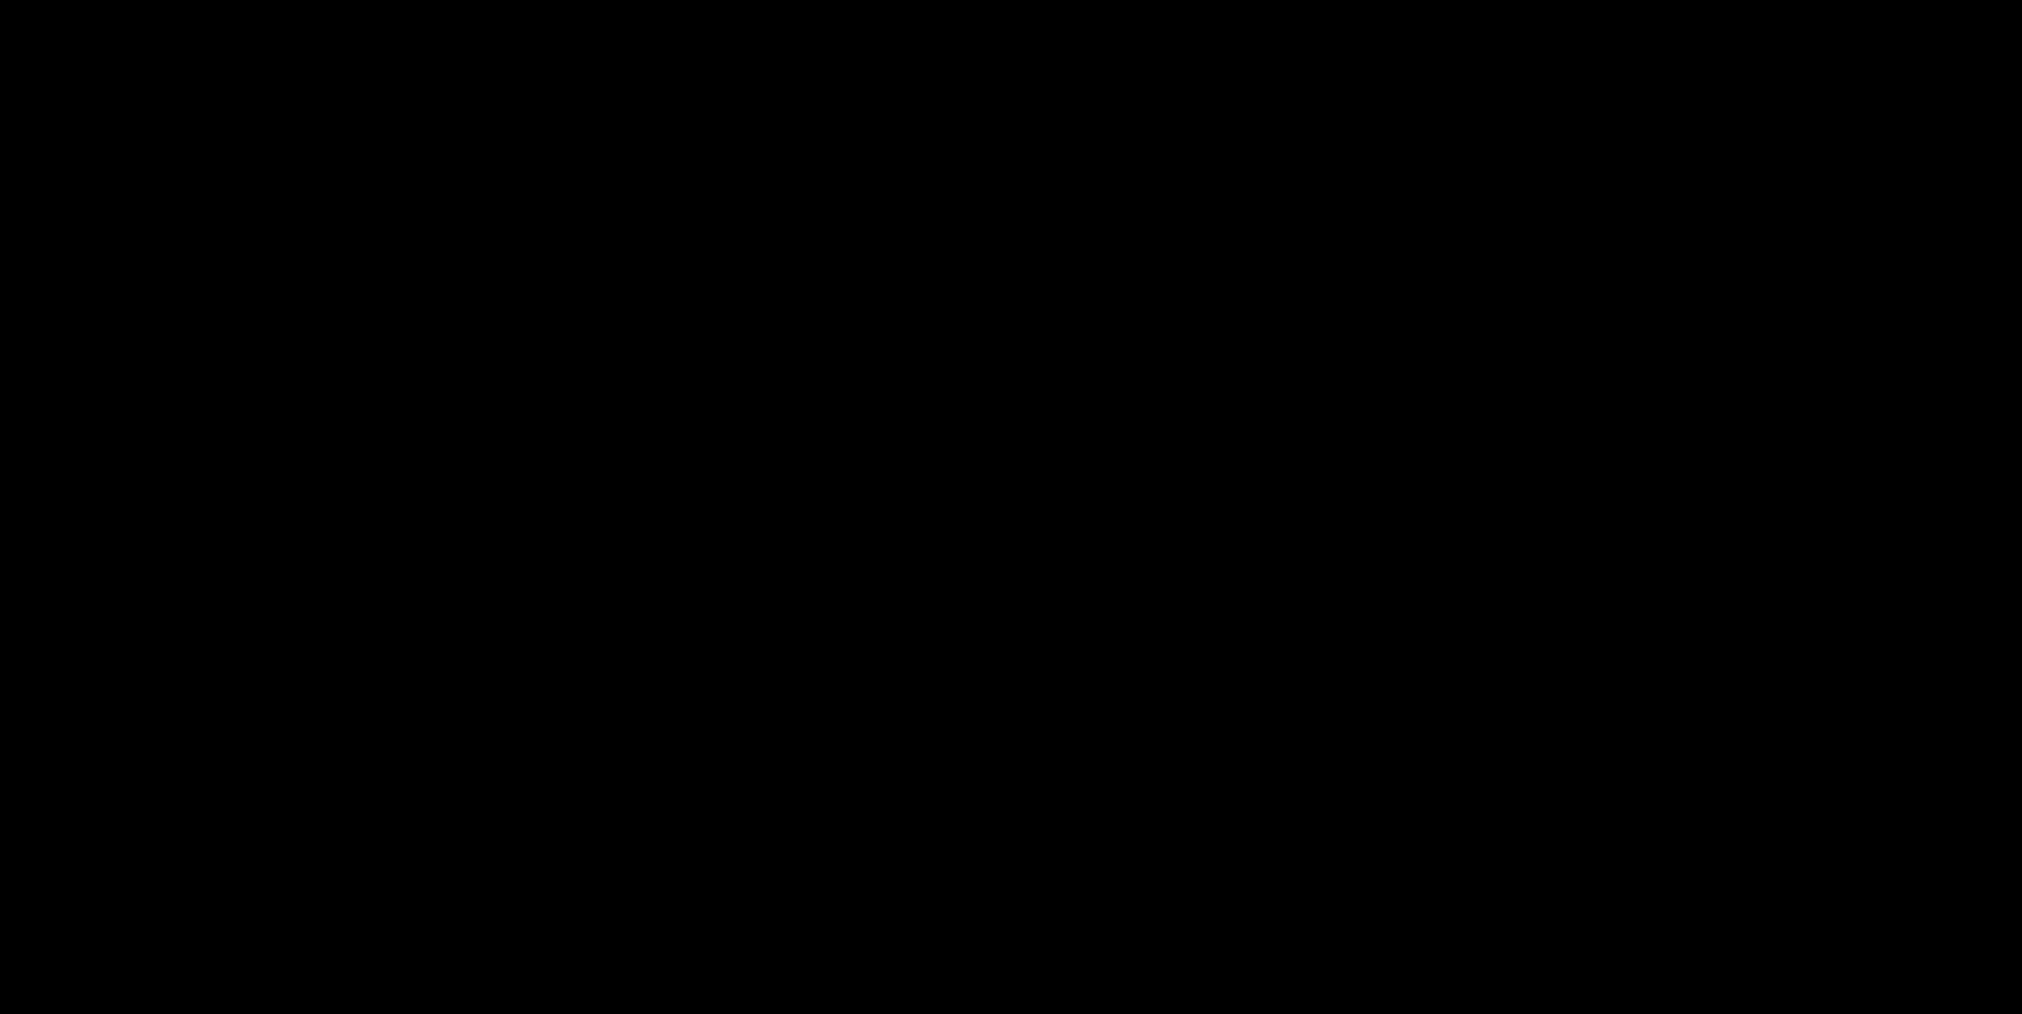 CNB-001-d<sub>6</sub>